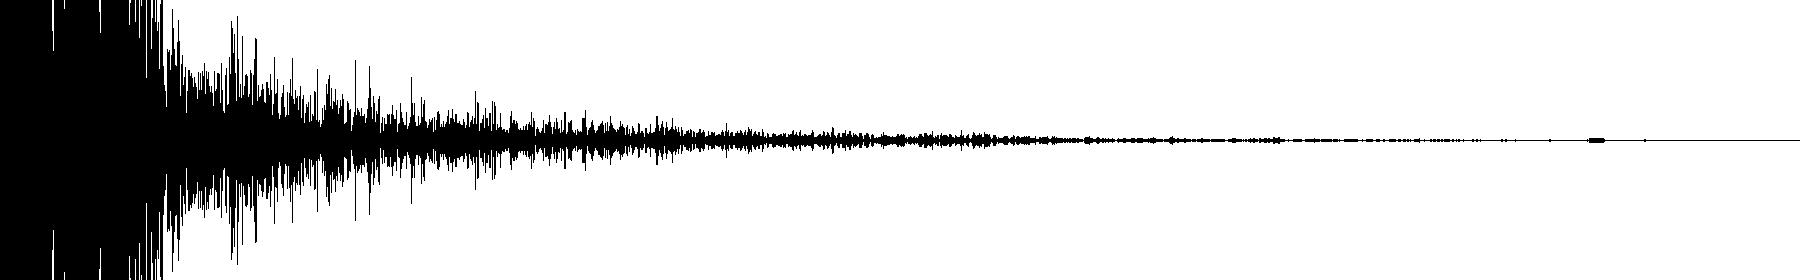 Free Gun samples, sounds, and loops | Sample Focus